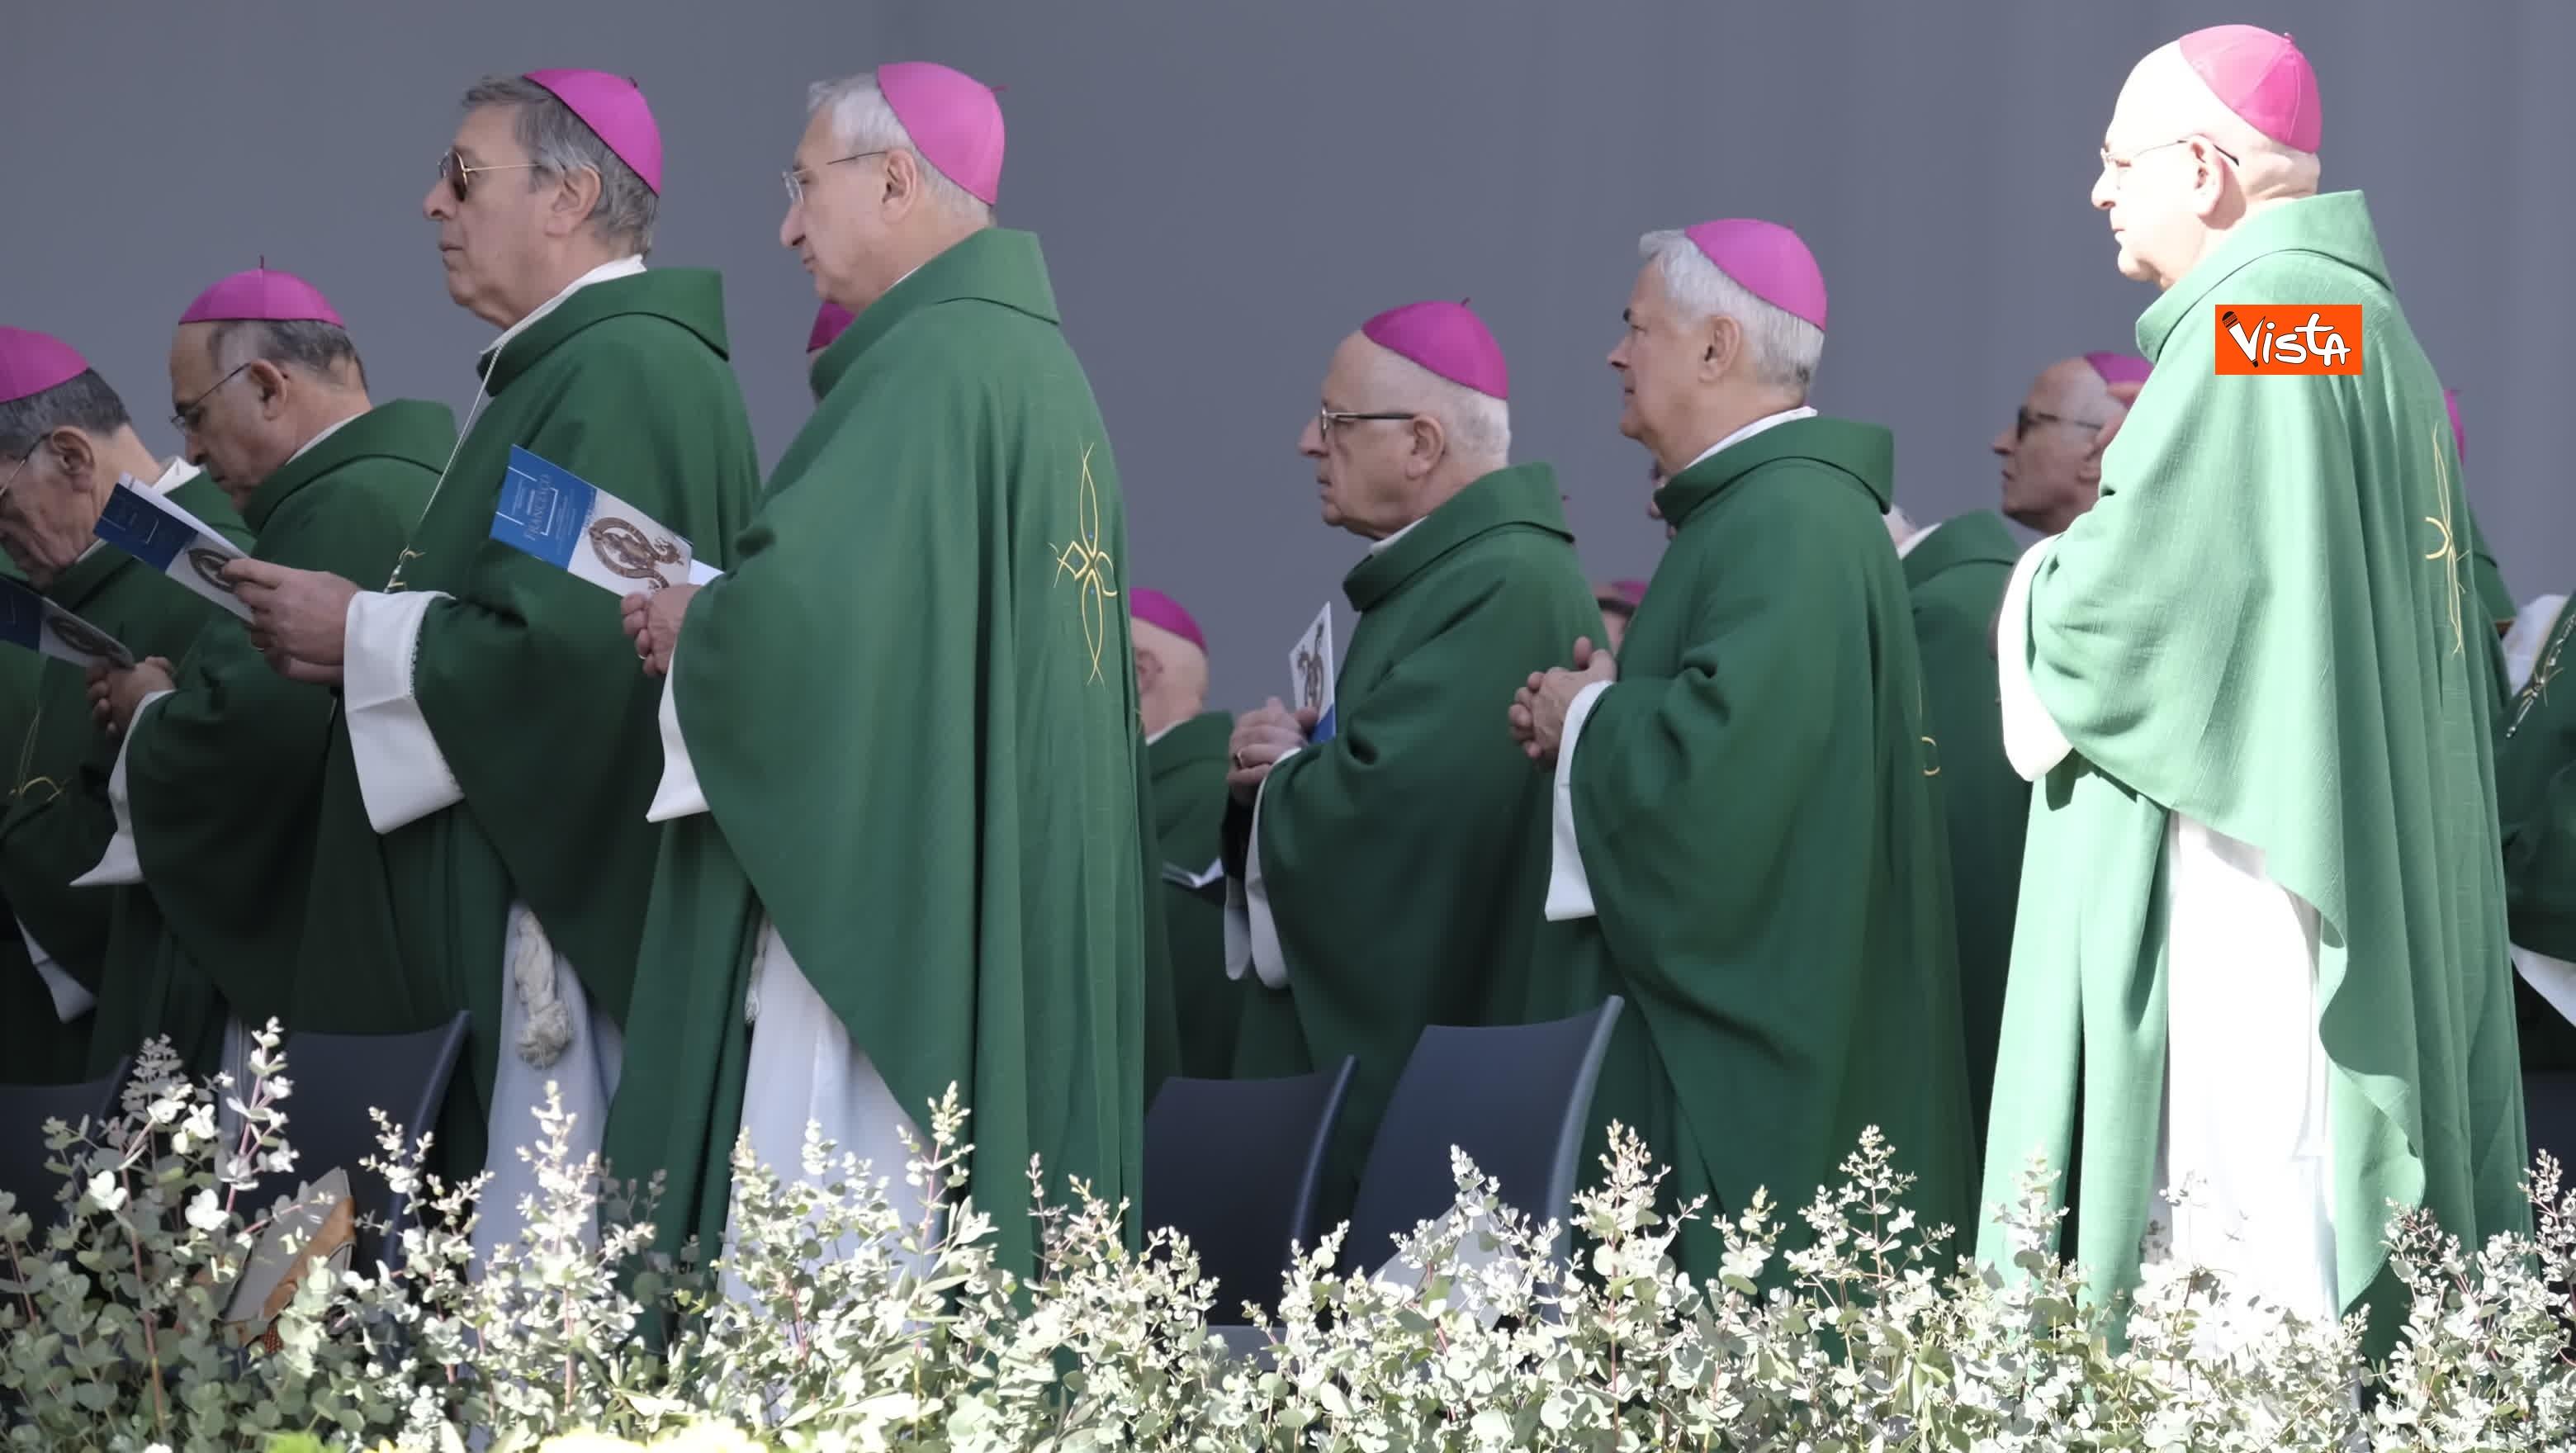 23-02-20 Il Papa a Bari incontra il presidente della Regione Puglia Michele Emiliano_08